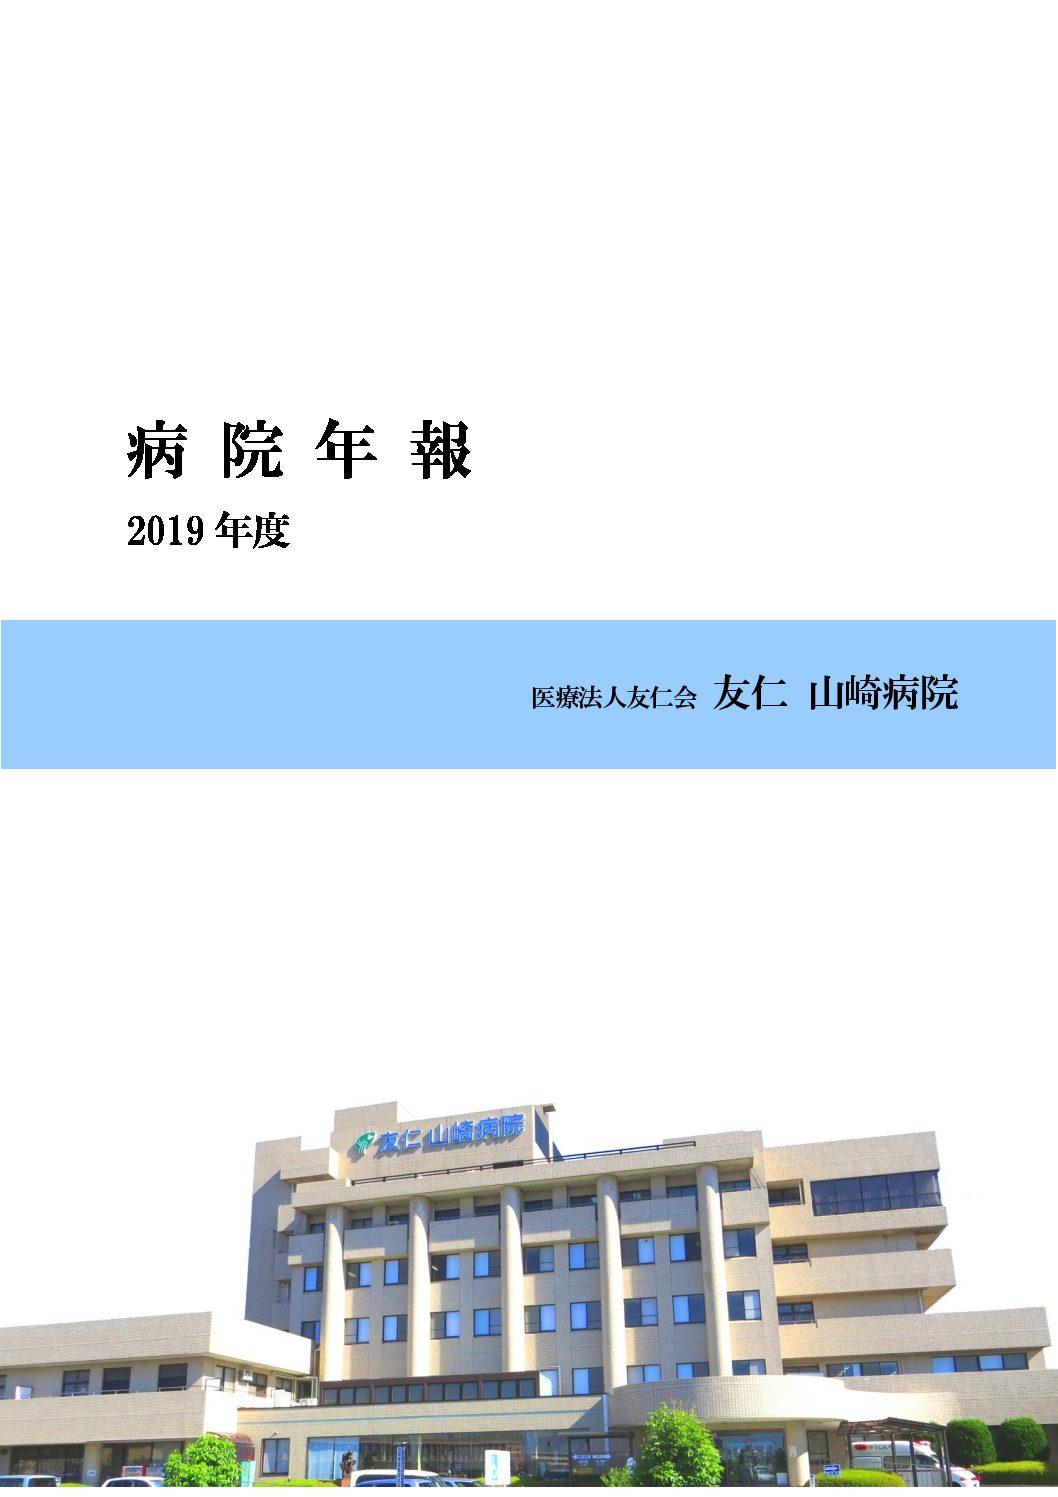 2019年度 病院年報